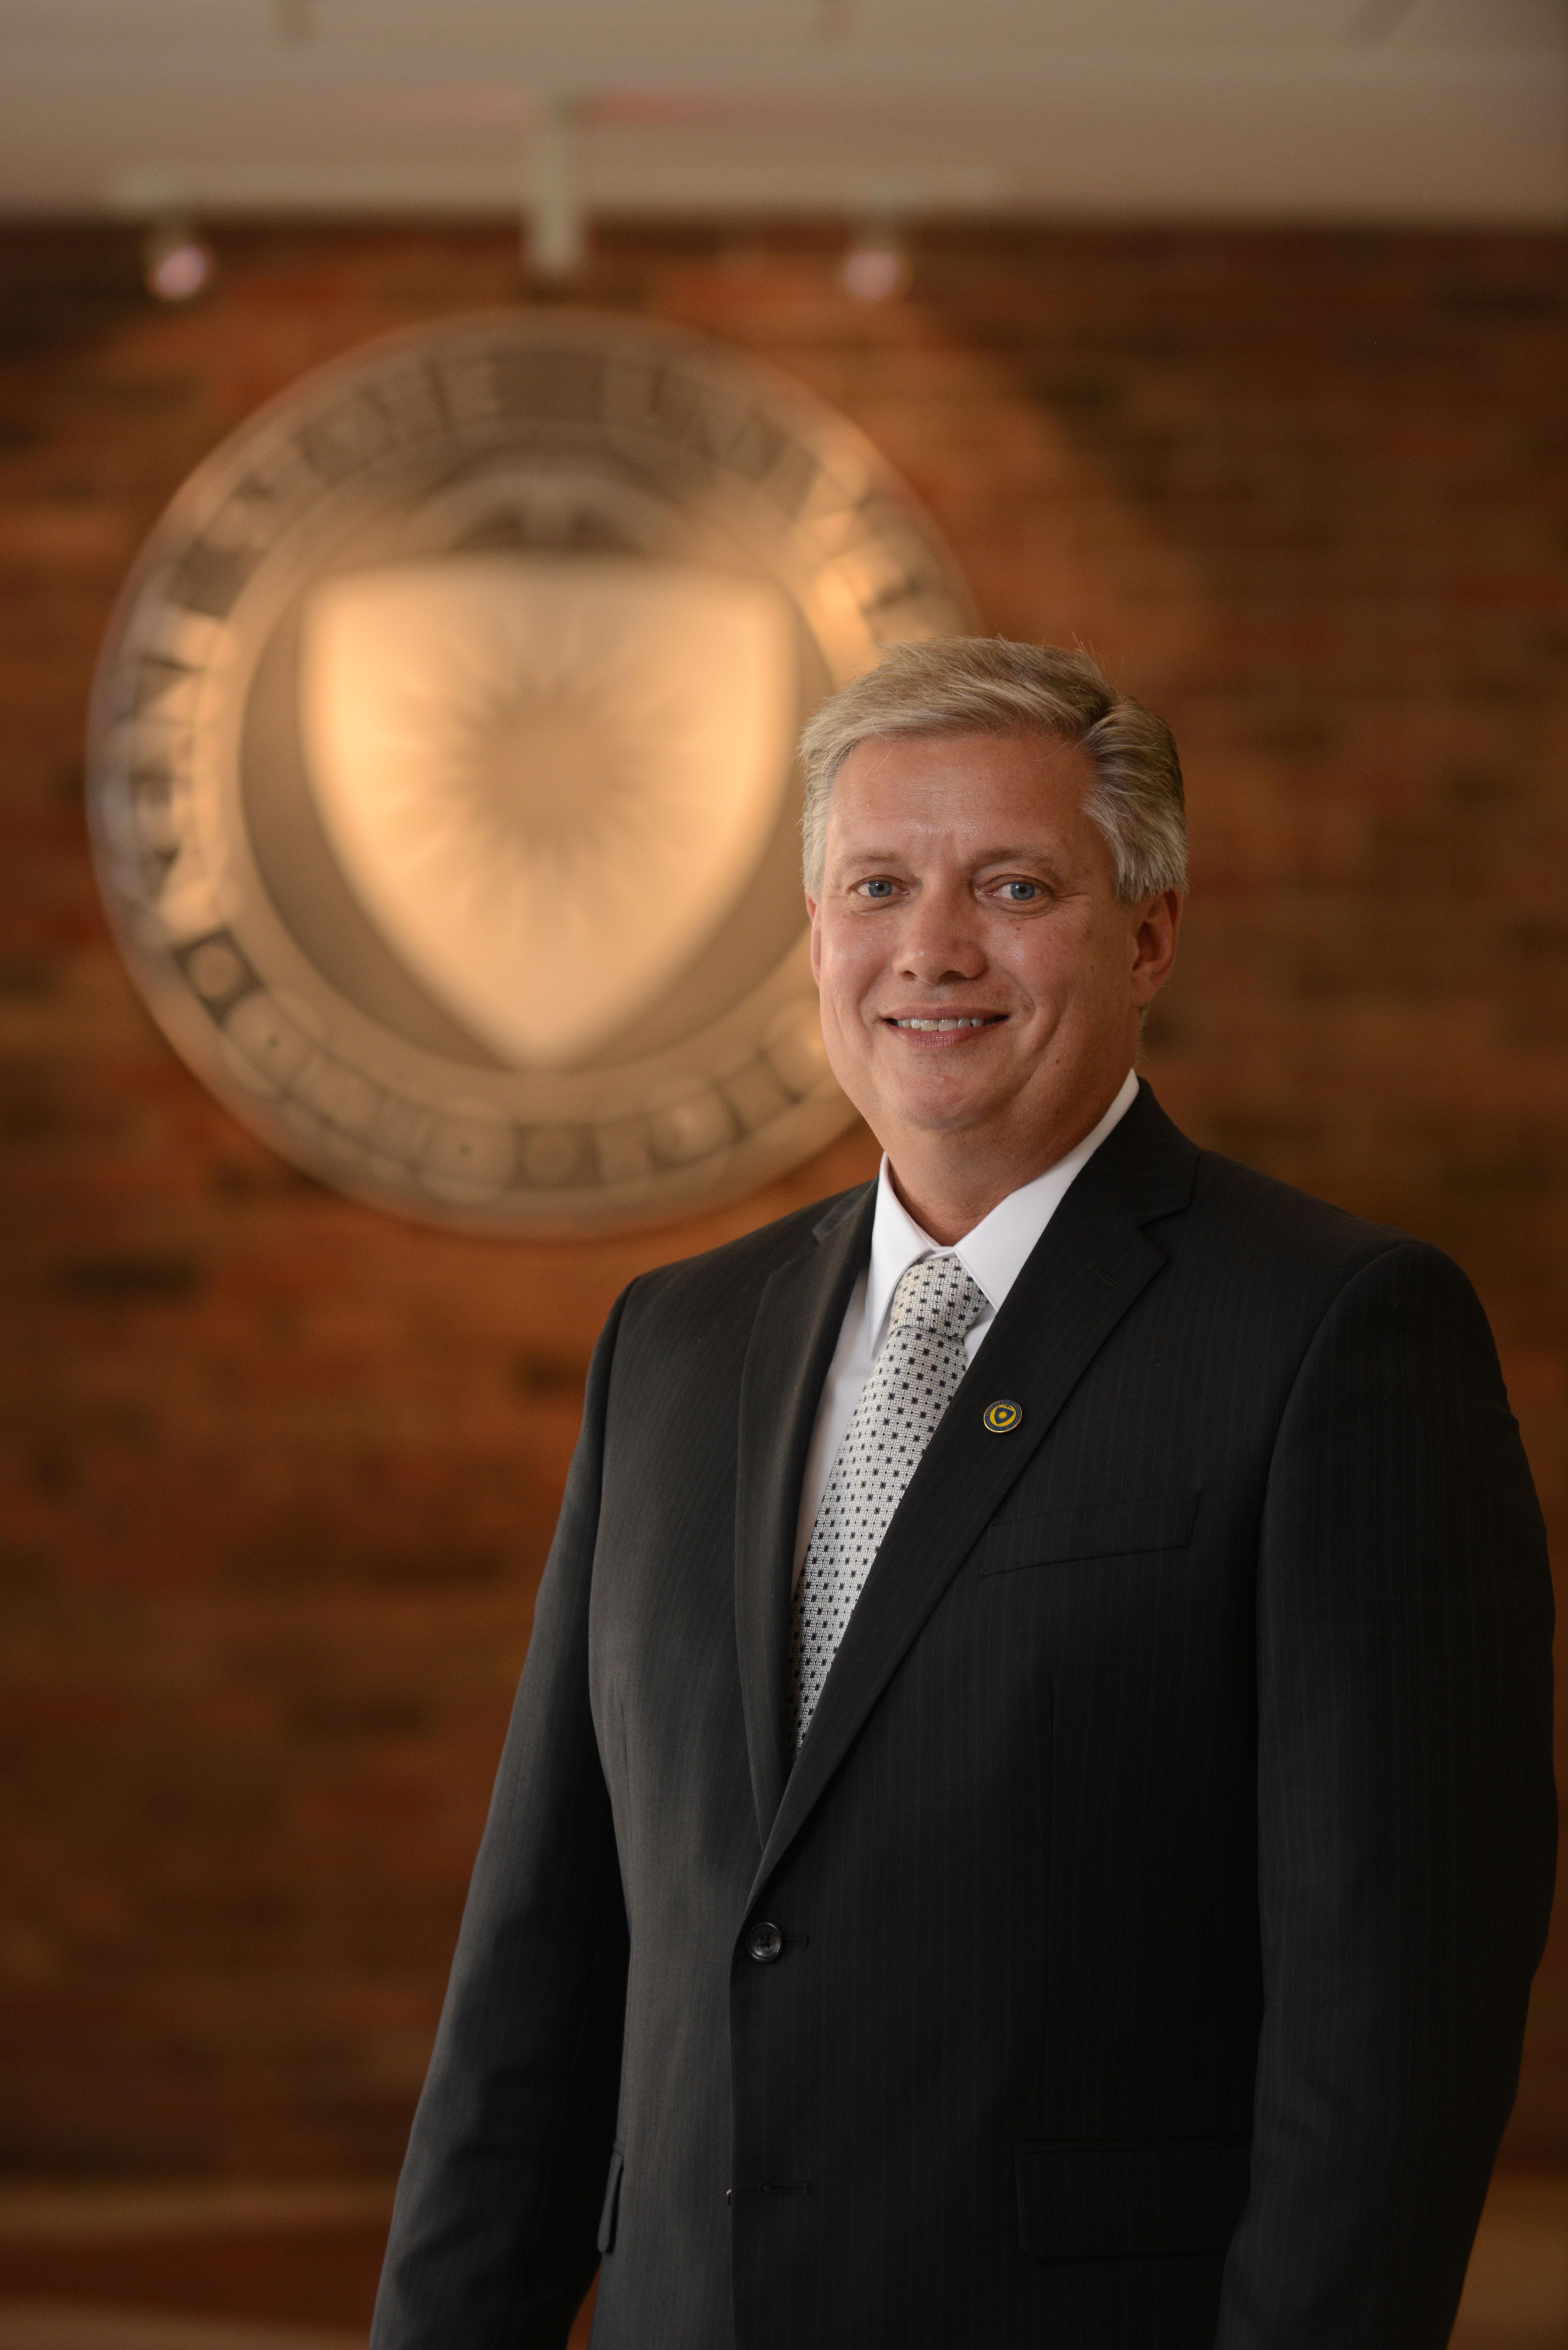 Dr. Brad Bielski